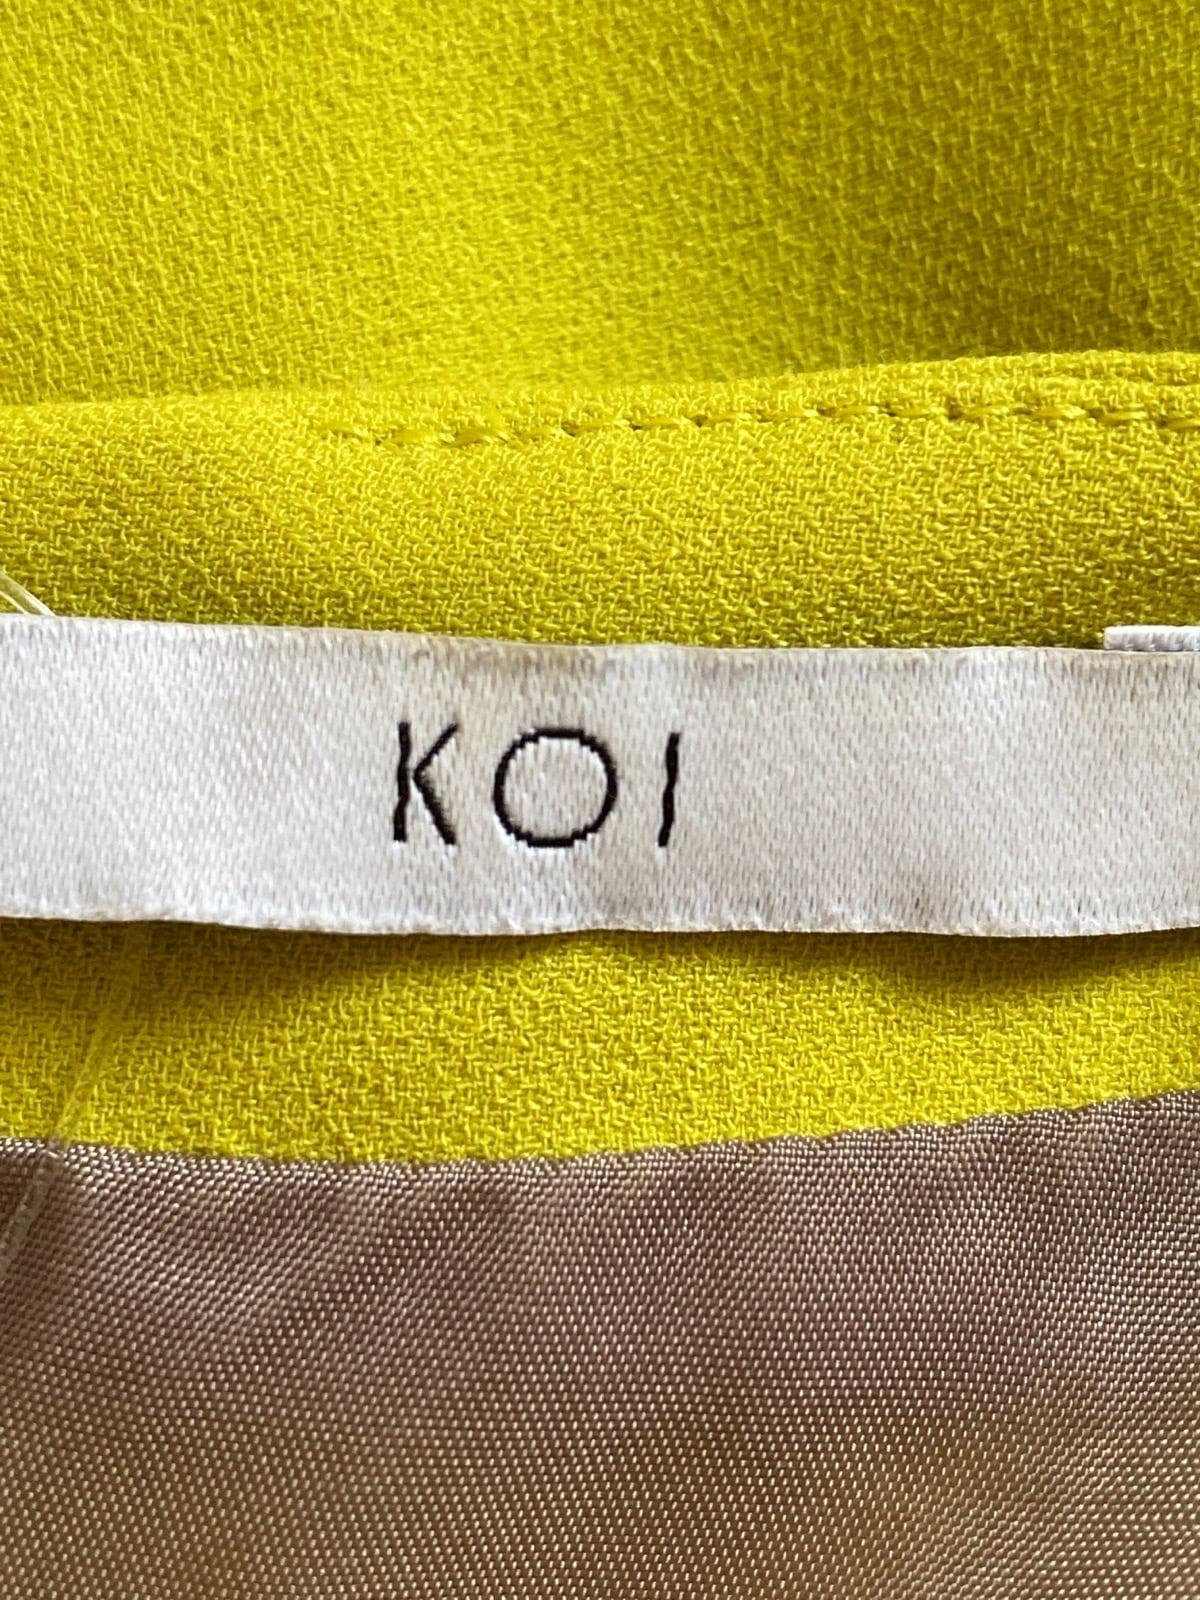 KOI(コイ)のワンピース